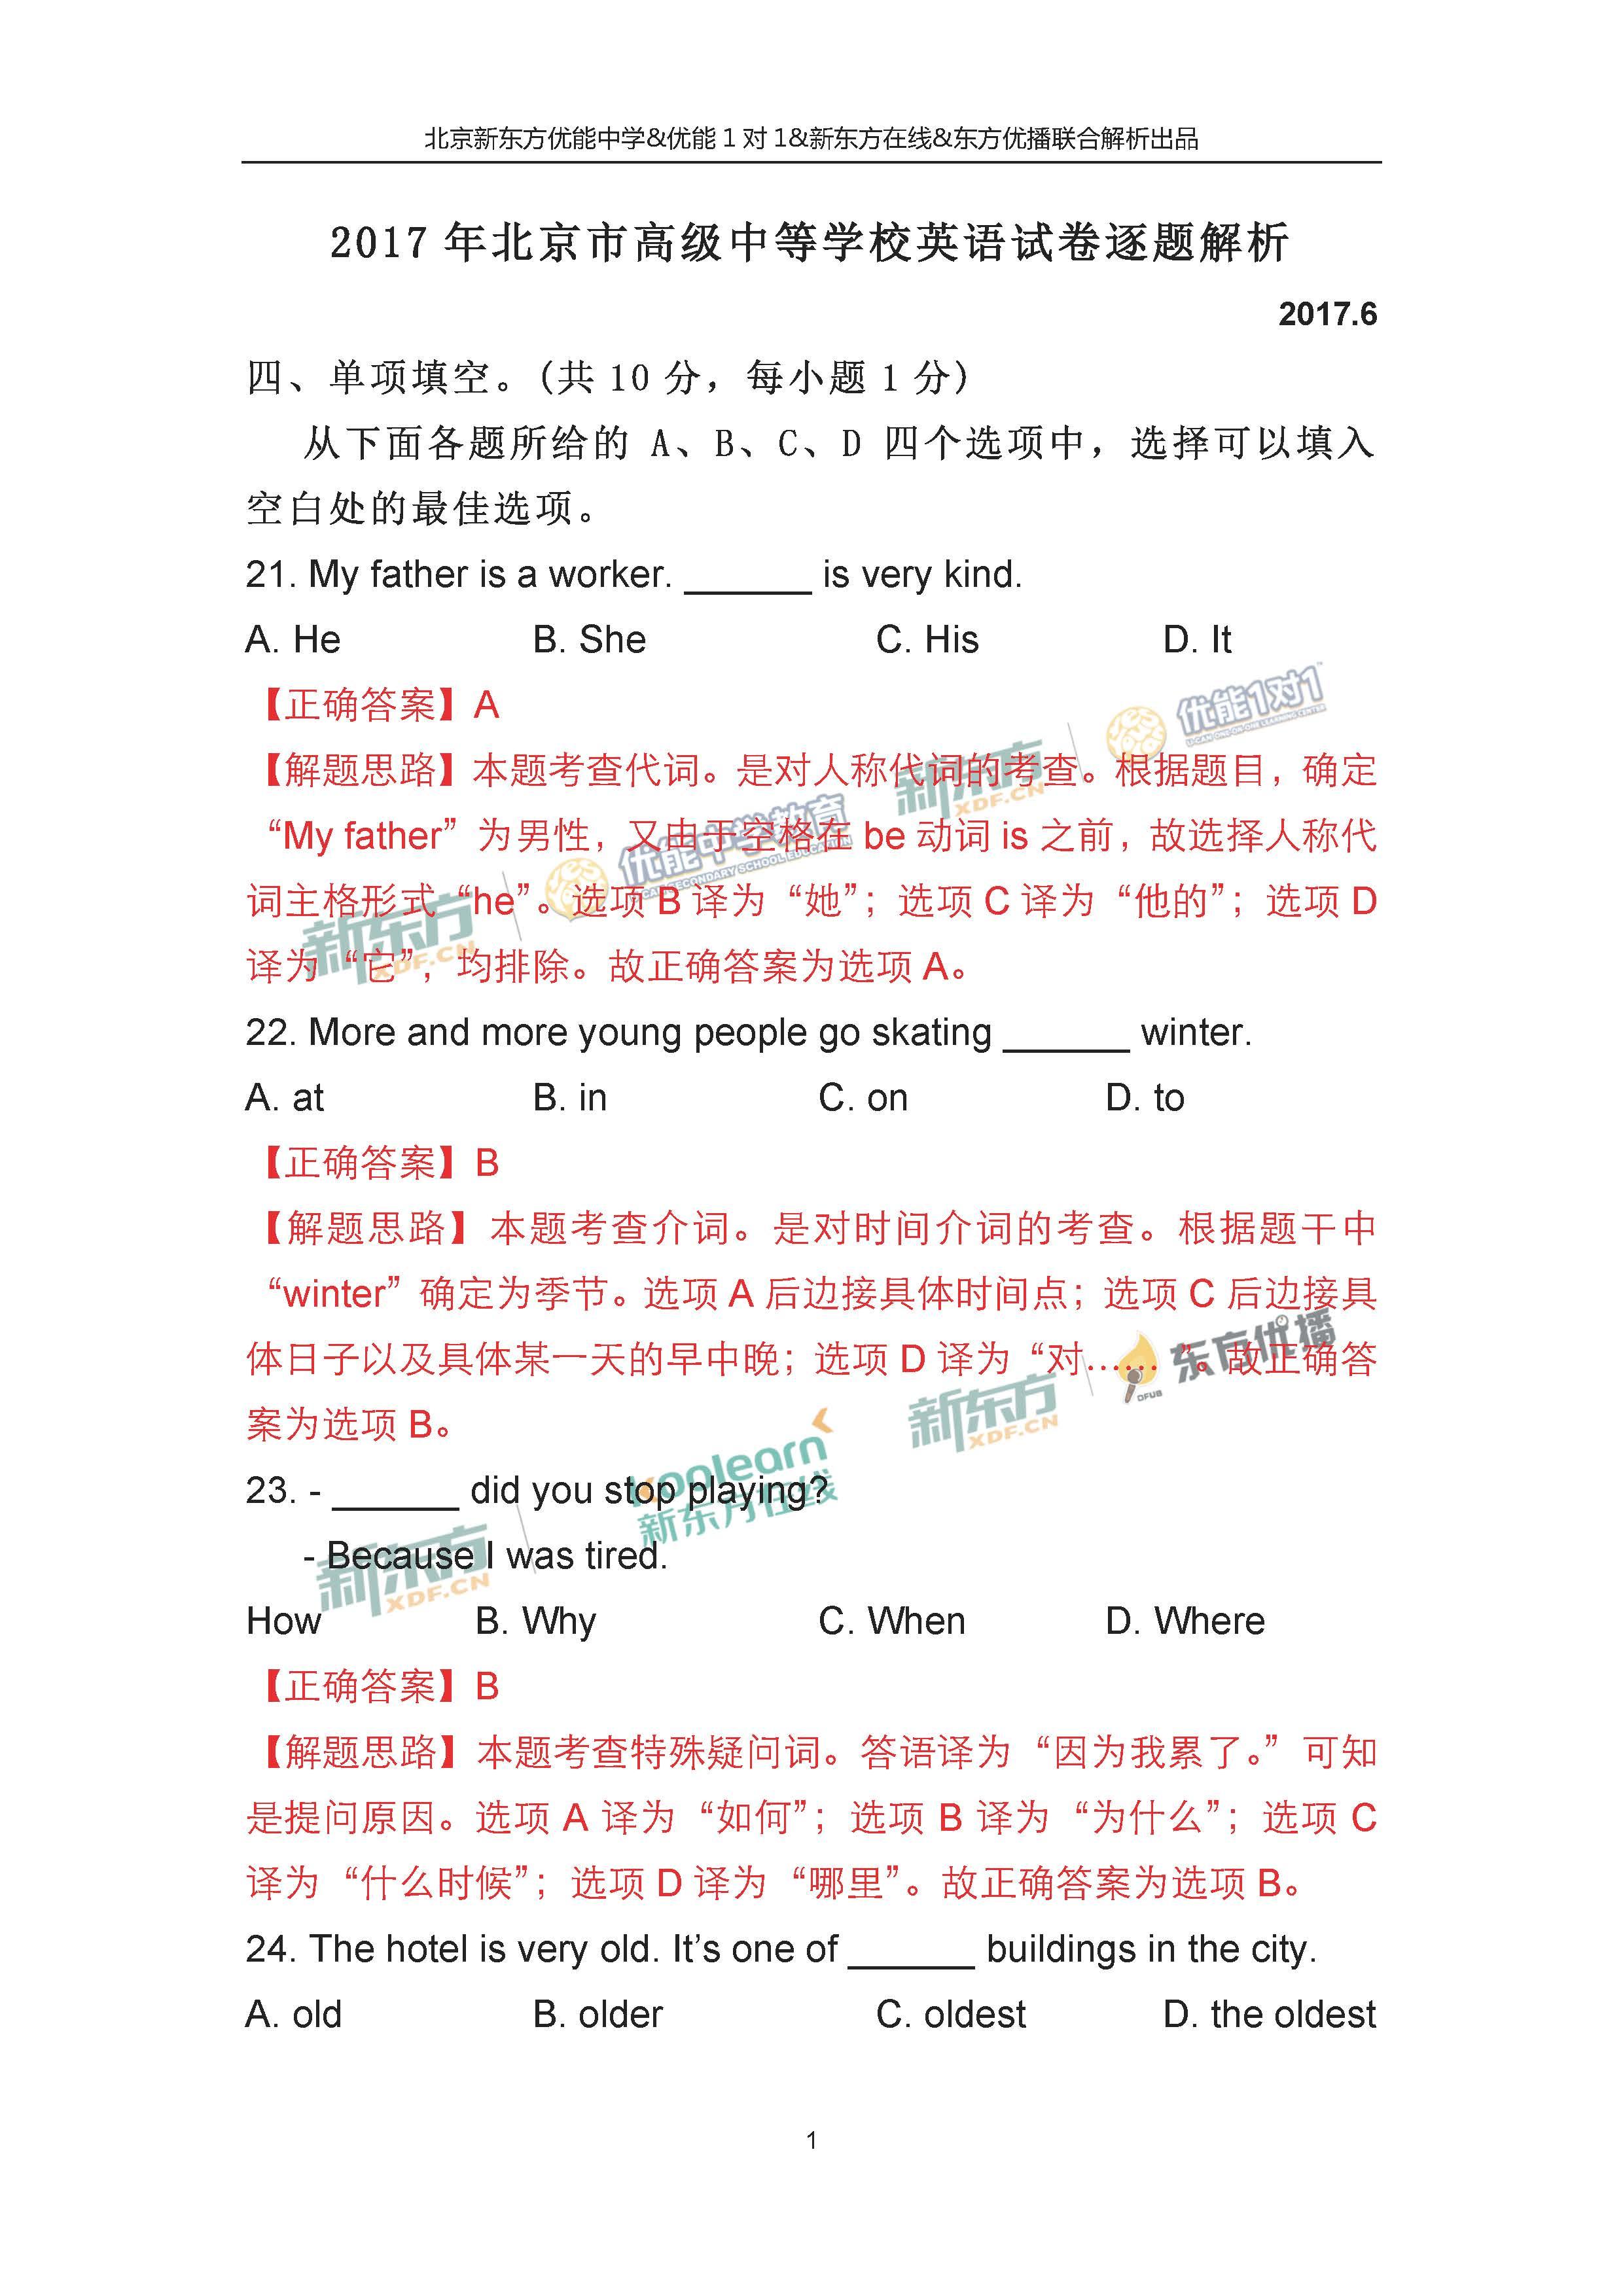 新东方优能名师逐题解析北京2017中考英语试题答案(图片版)